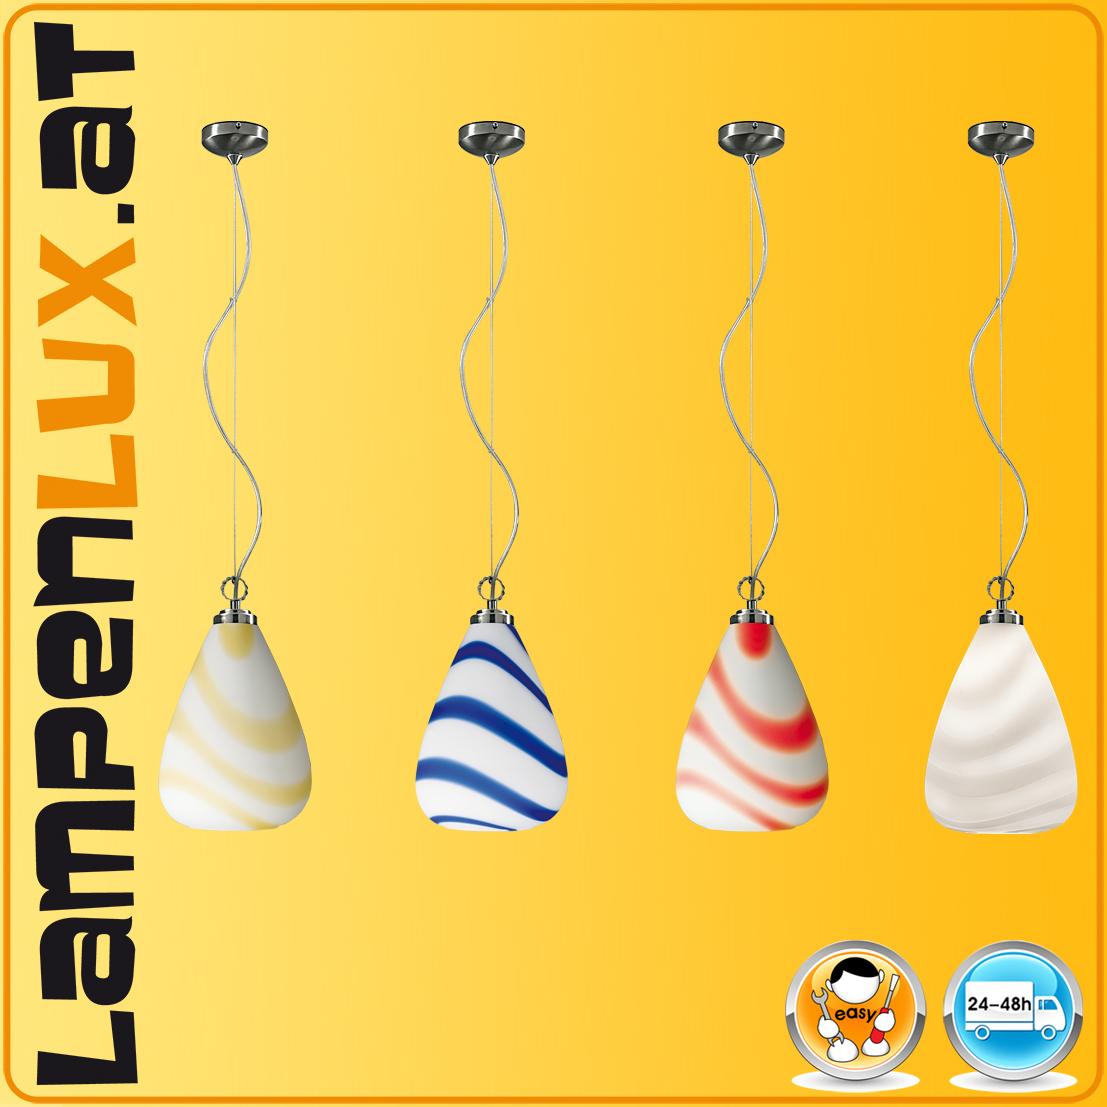 Led designer lampe viele farben w murano glas top